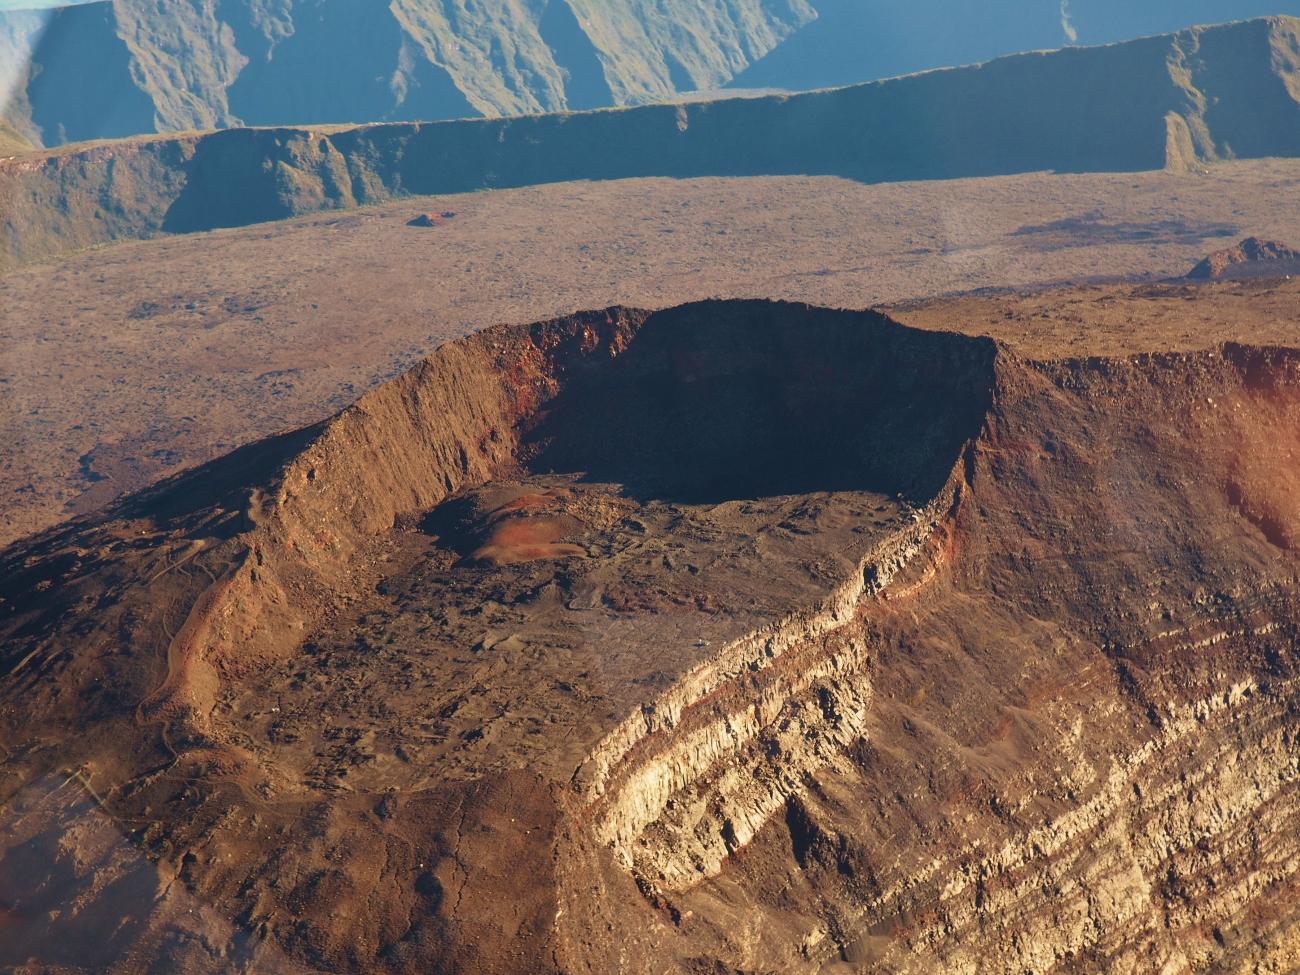 Cratère Bory du Piton de la Fournaise